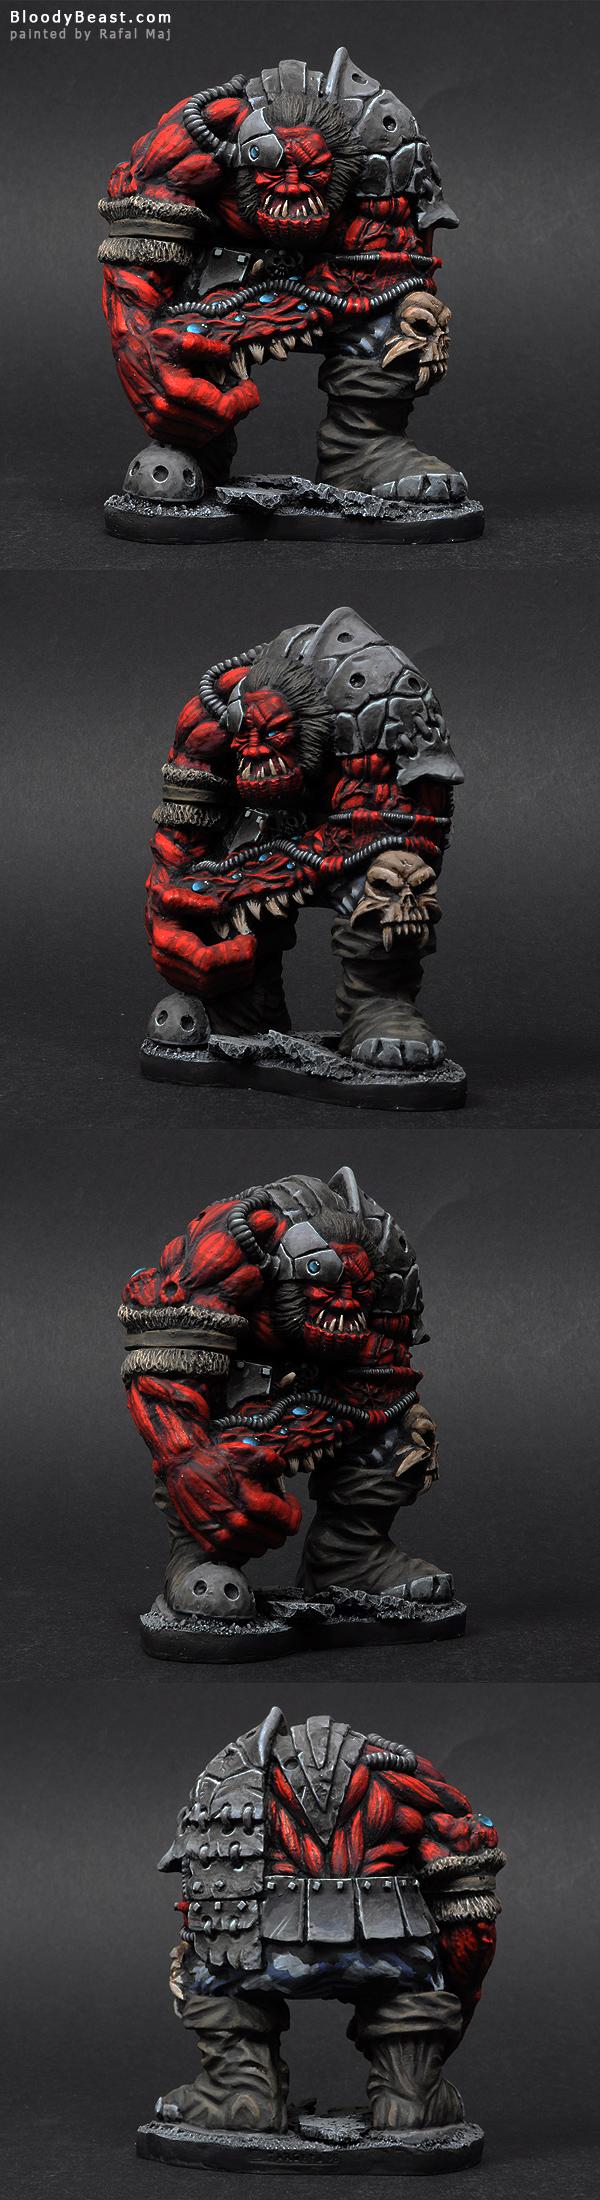 Dark Legion Algeroth Bio-Giant painted by Rafal Maj (BloodyBeast.com)